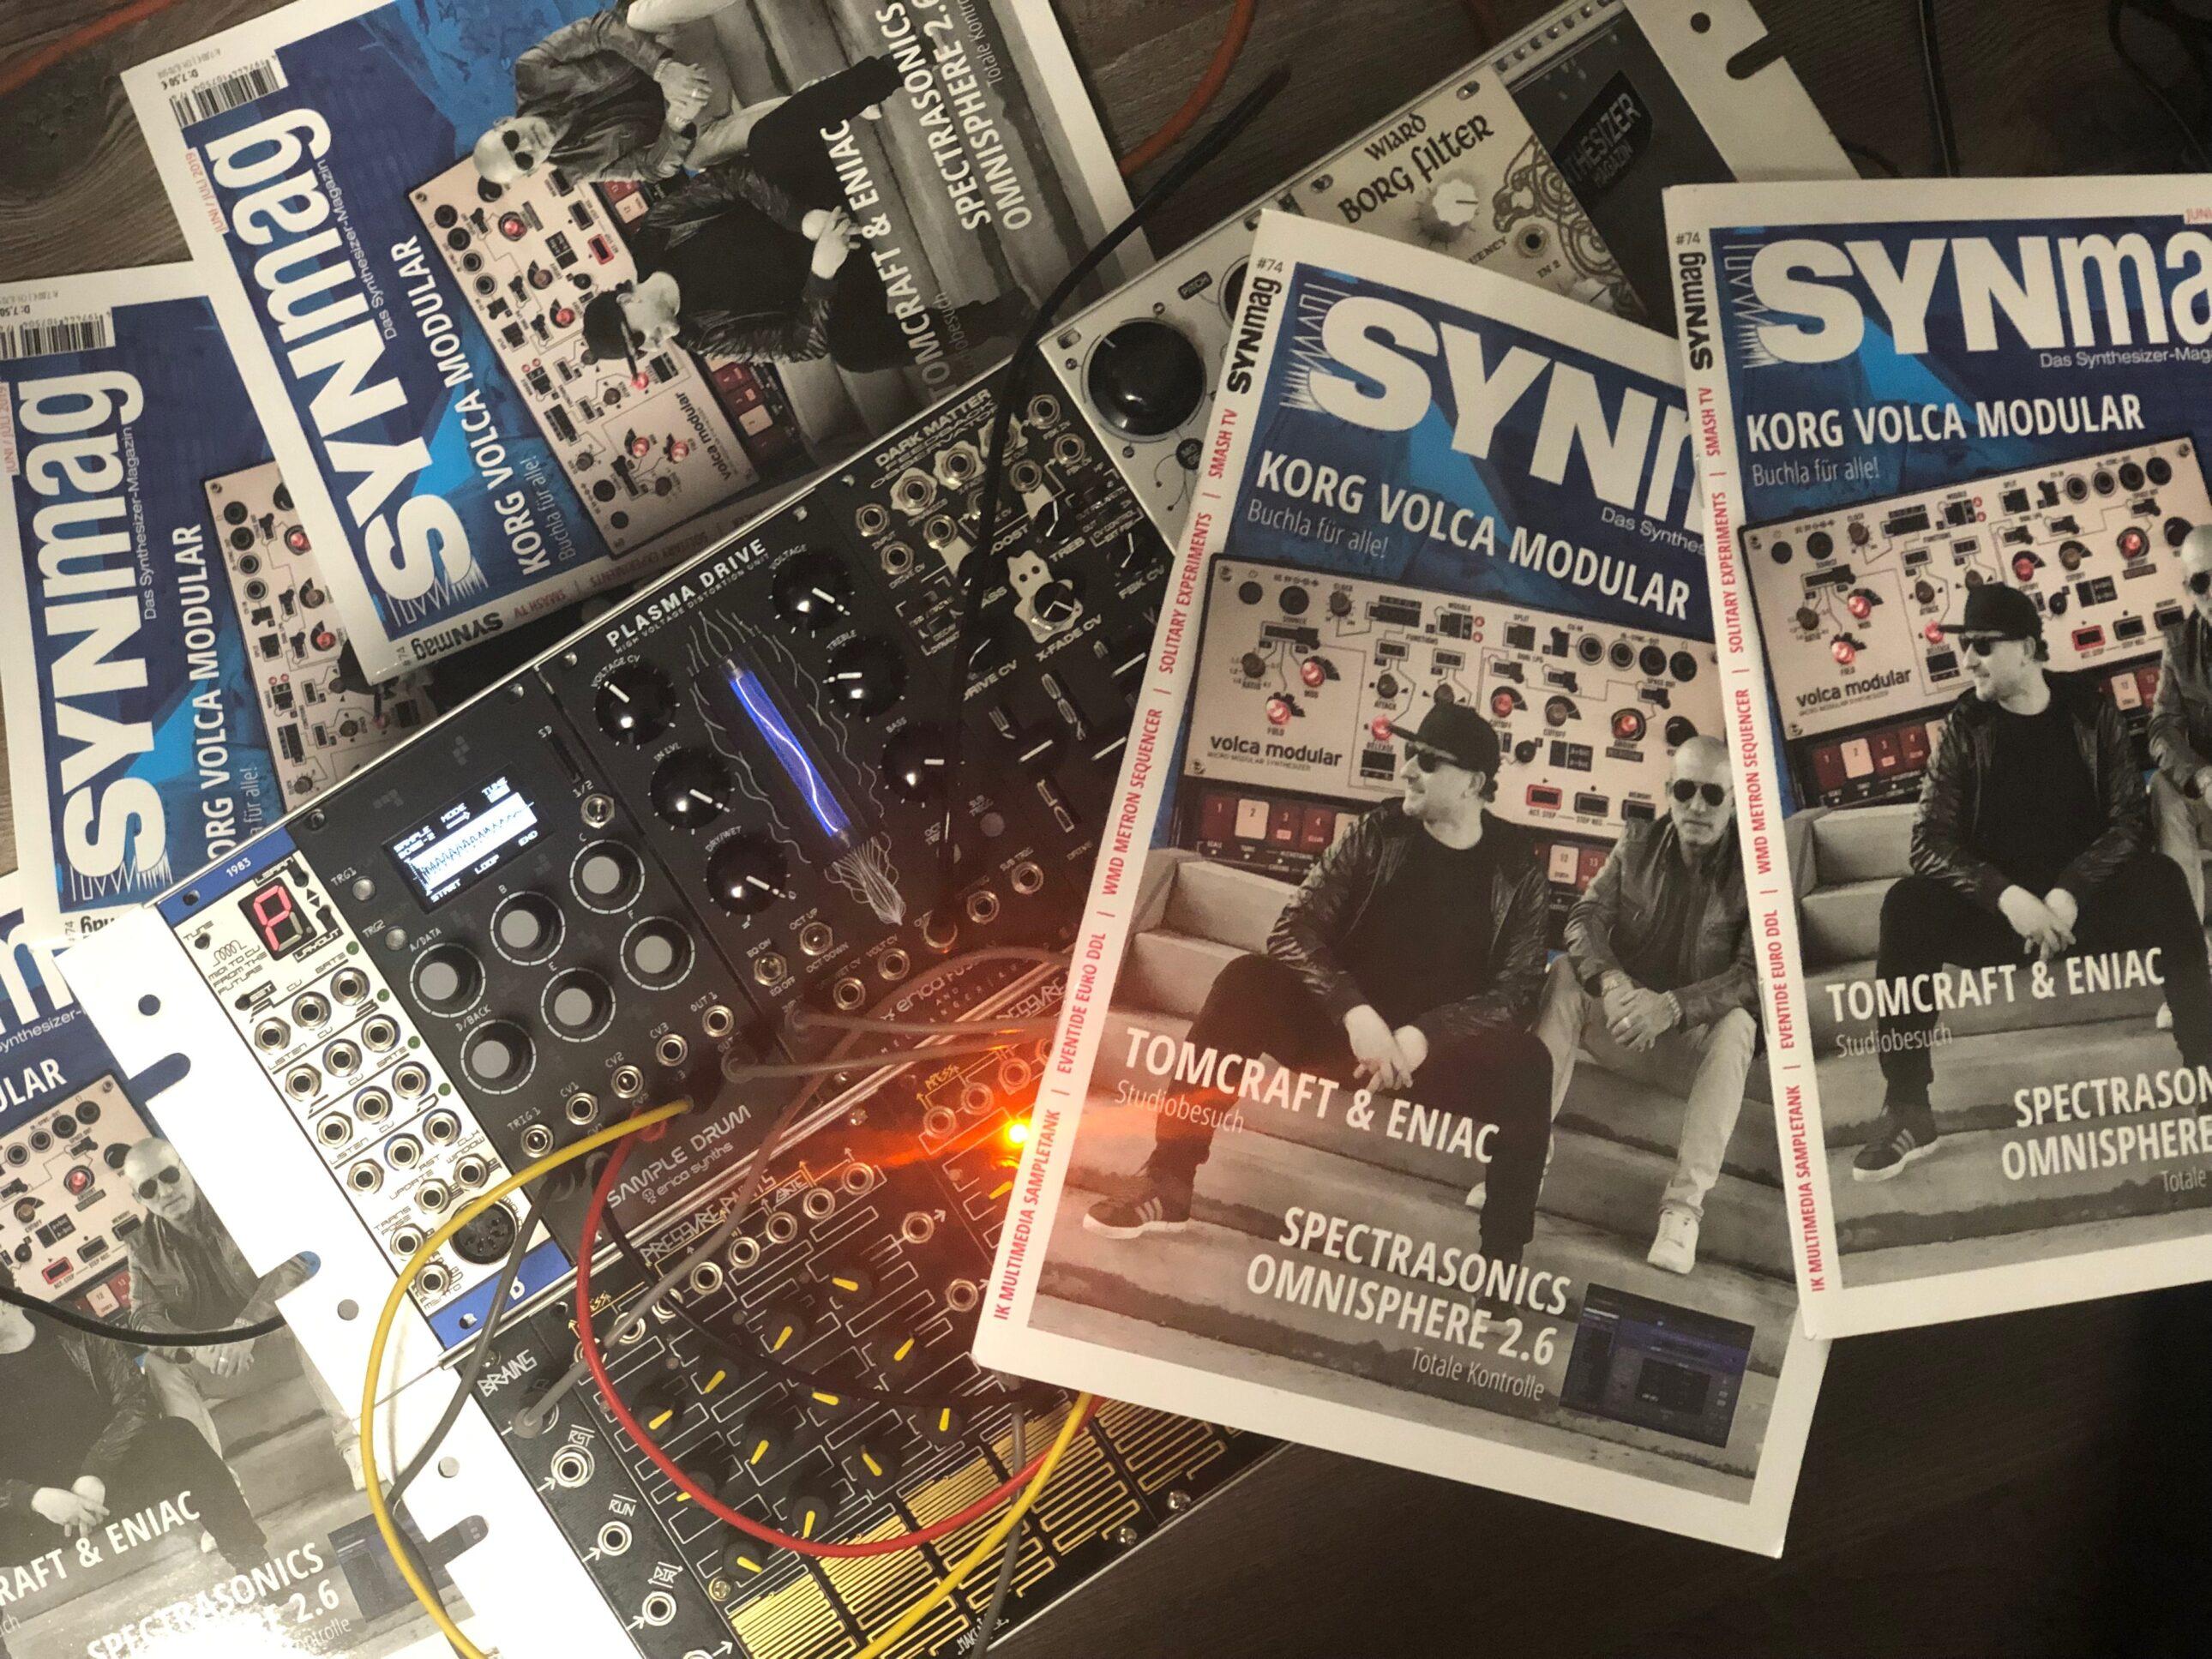 SynMag 74 - Das Synthesizer-Magazin